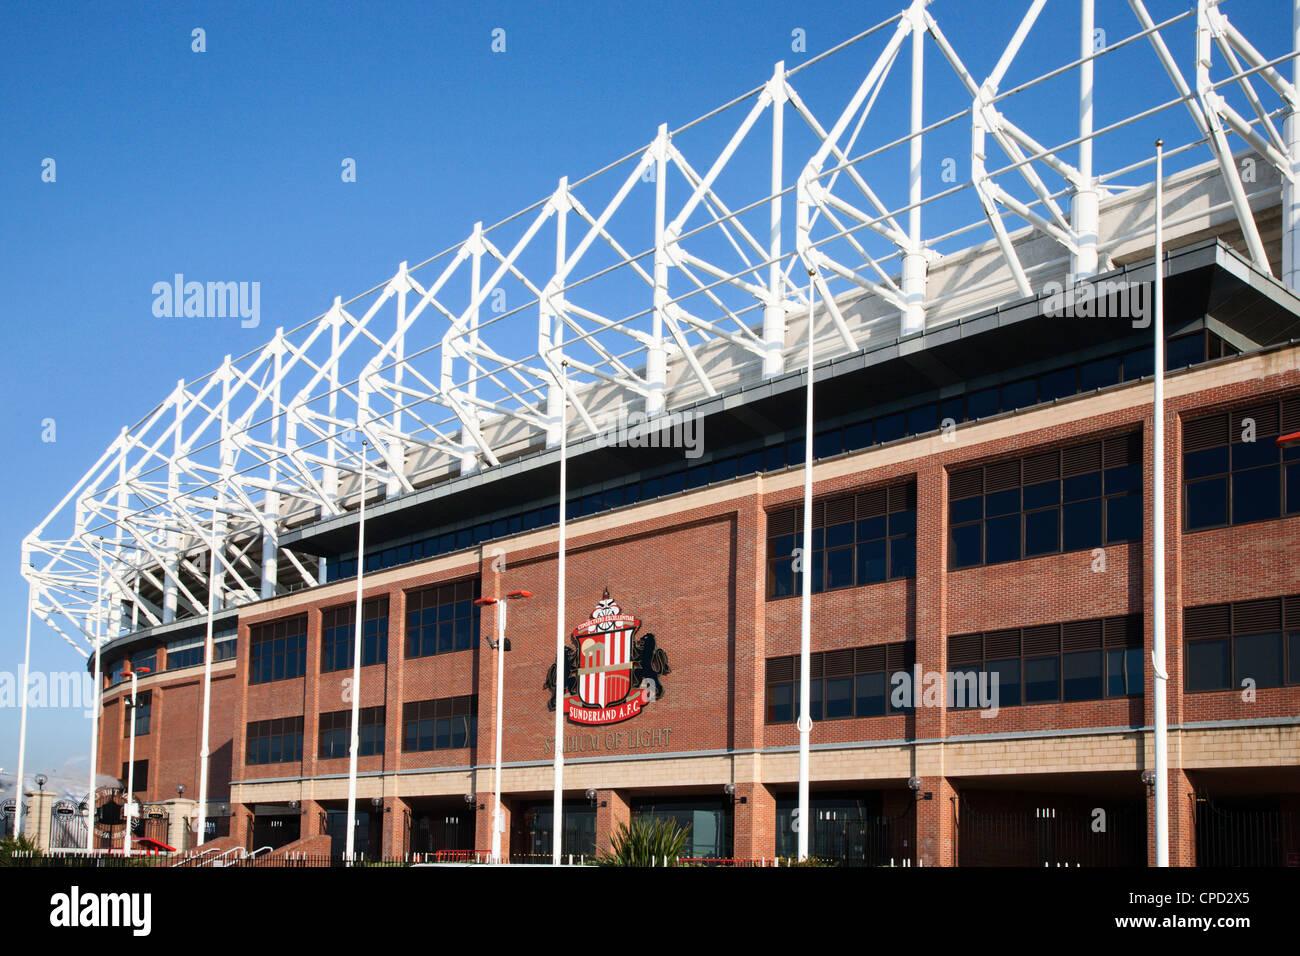 Stadium of Light, Sunderland, Tyne and Wear, England, United Kingdom, Europe - Stock Image